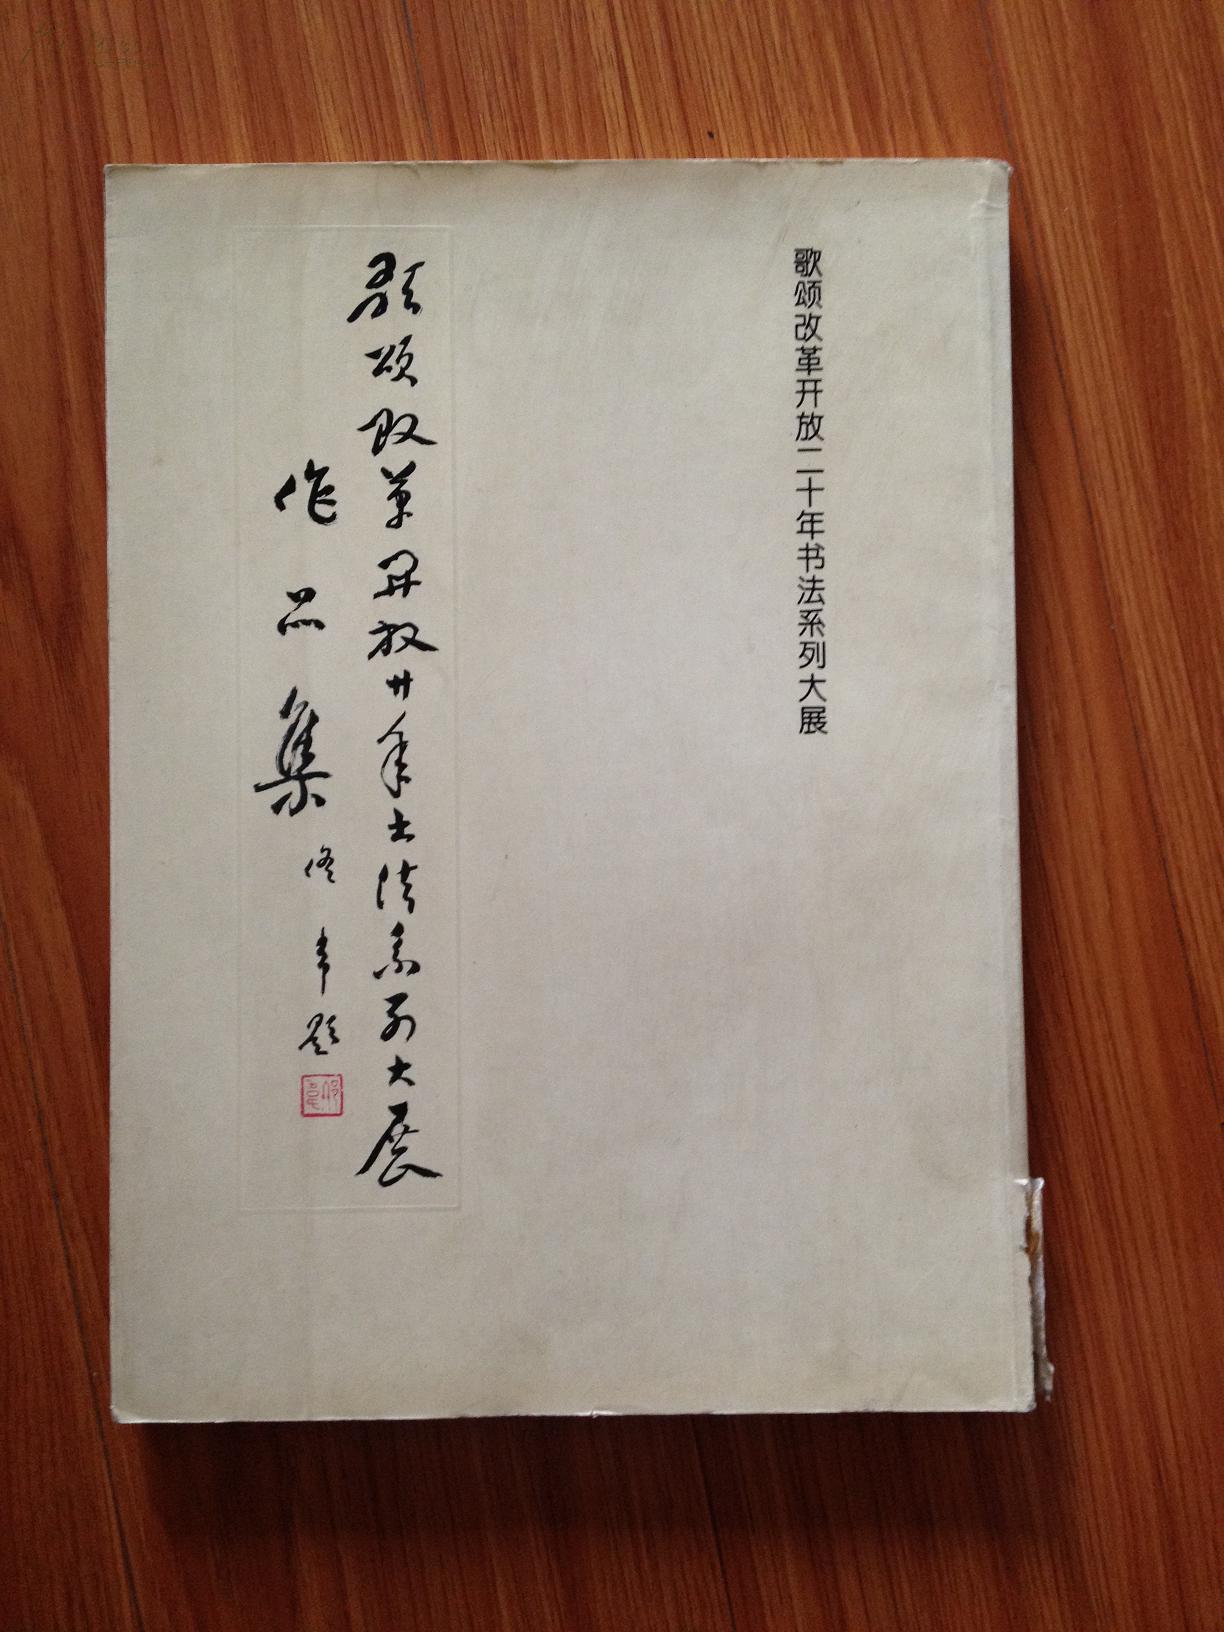 歌颂改革开放二十年书法系列大展作品集(佟韦题签封面图片